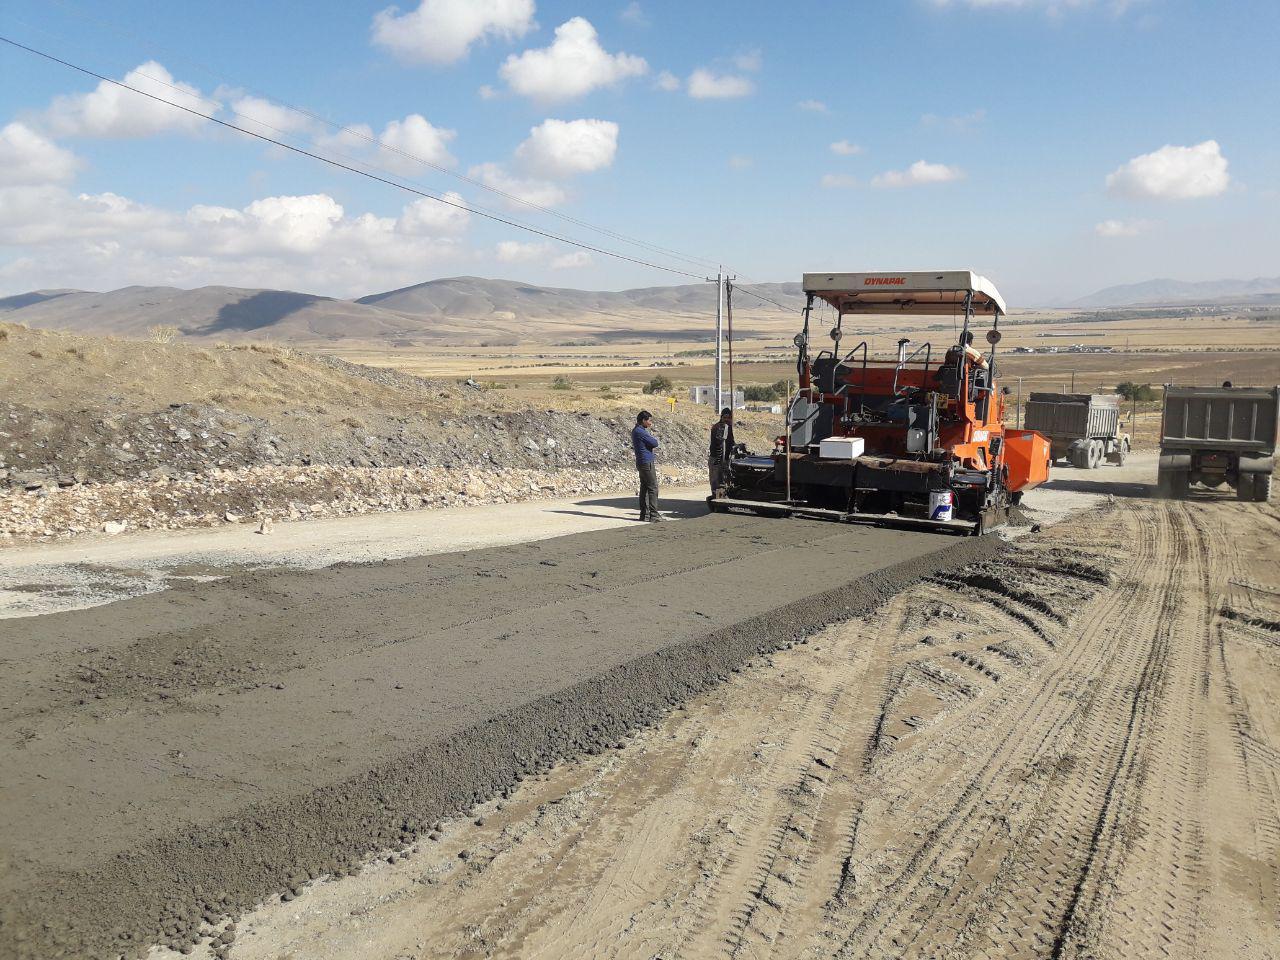 احیاء راه روستایی با استفاده از روکش بتن غلطکی برای نخستین بار در استان